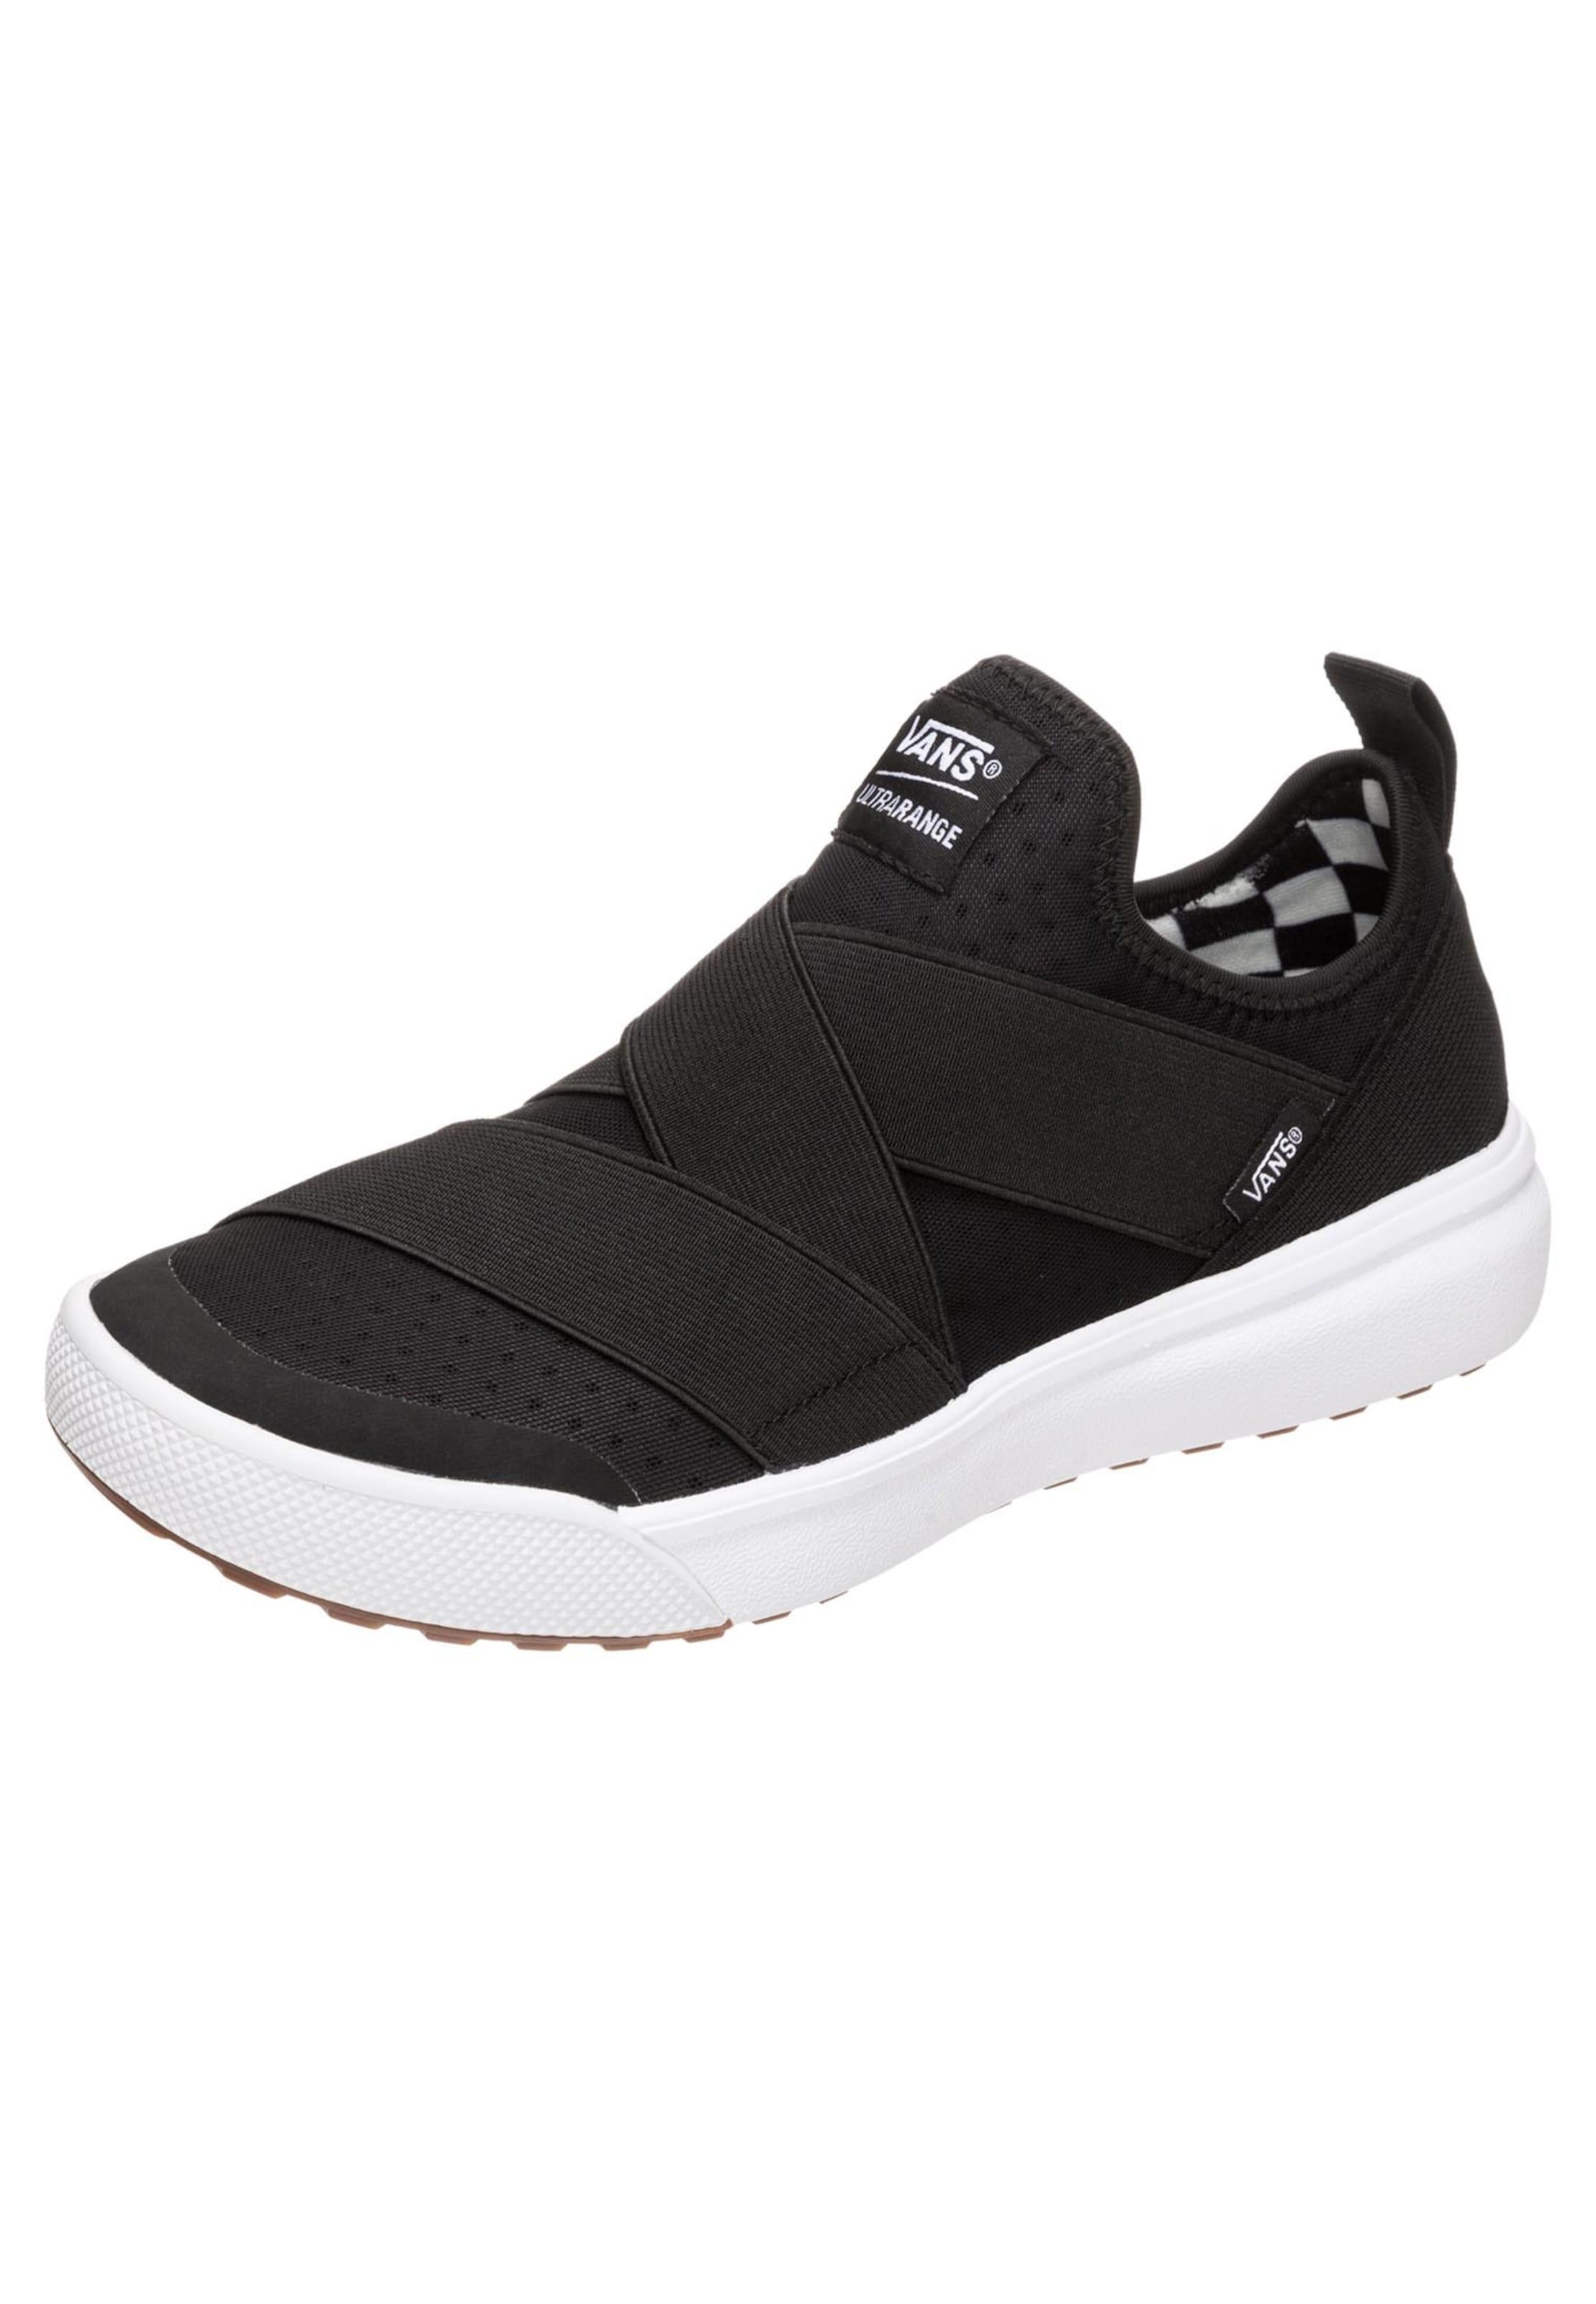 Vans Sneakers Haut De Gamme Ultra Gore Noir 7xMwp60